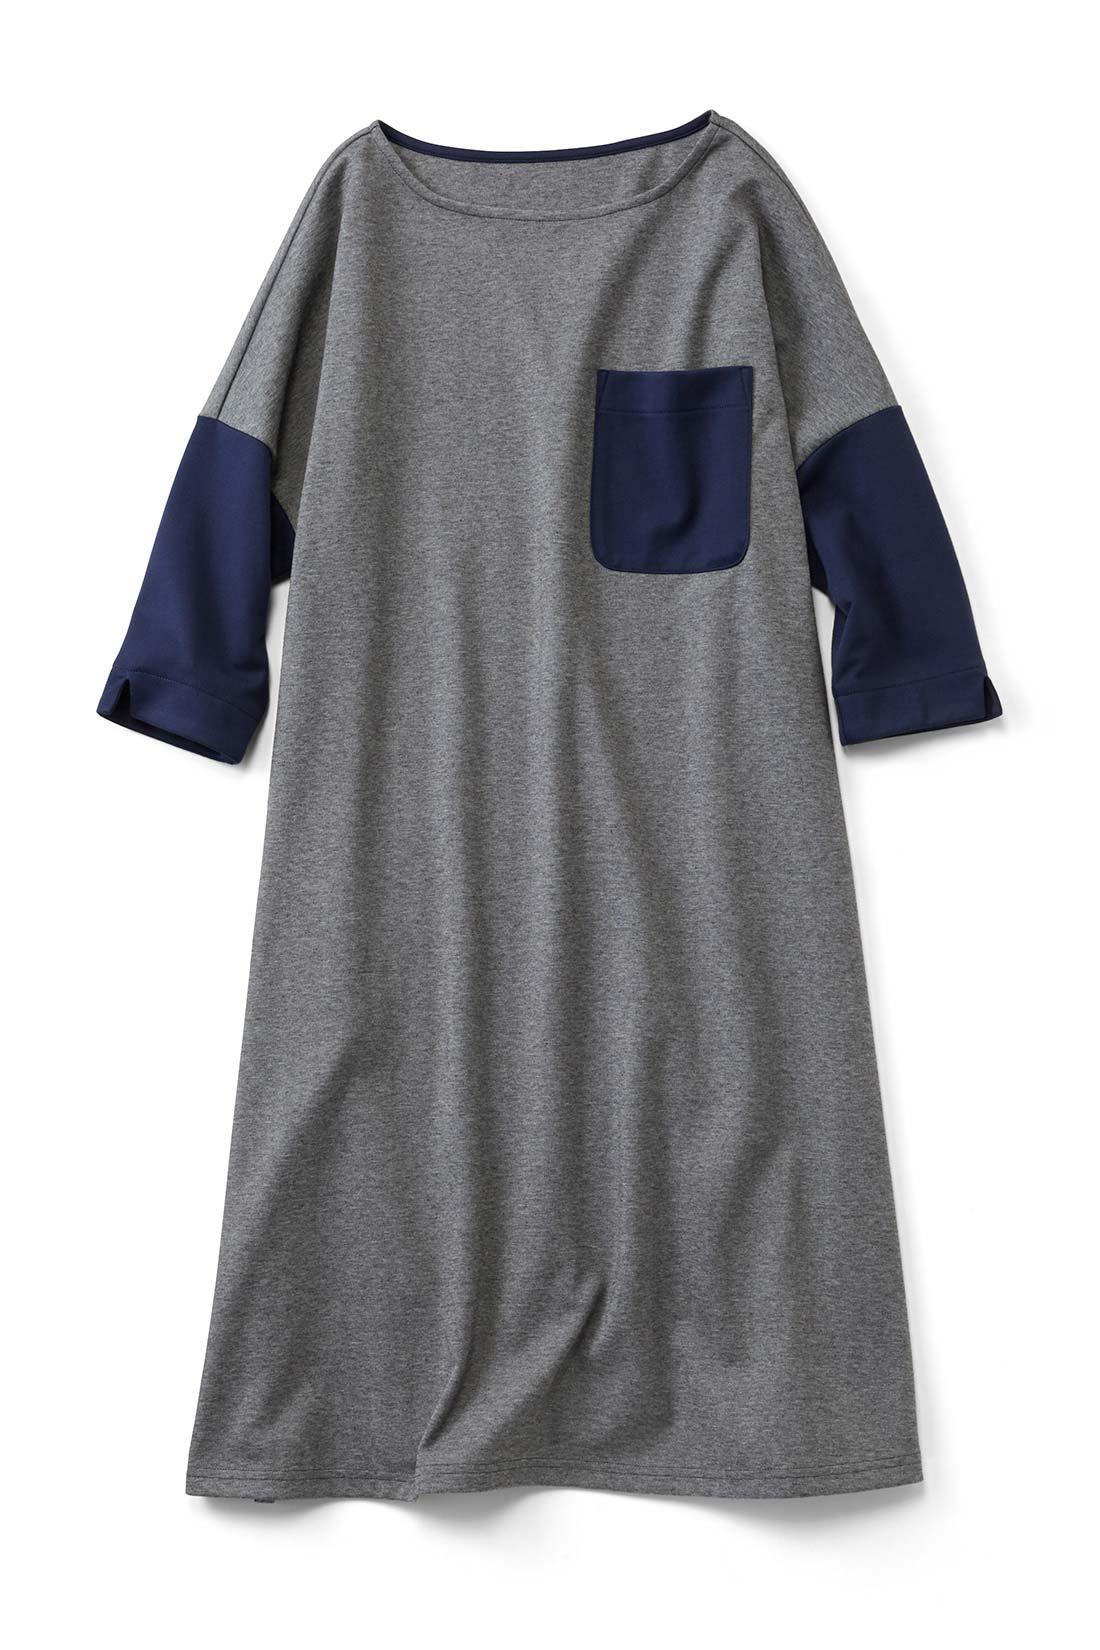 【グレー】大きなポケットがインパクト大。ワイドシルエットだけど着ると、すとんと落ちてかわいいの。